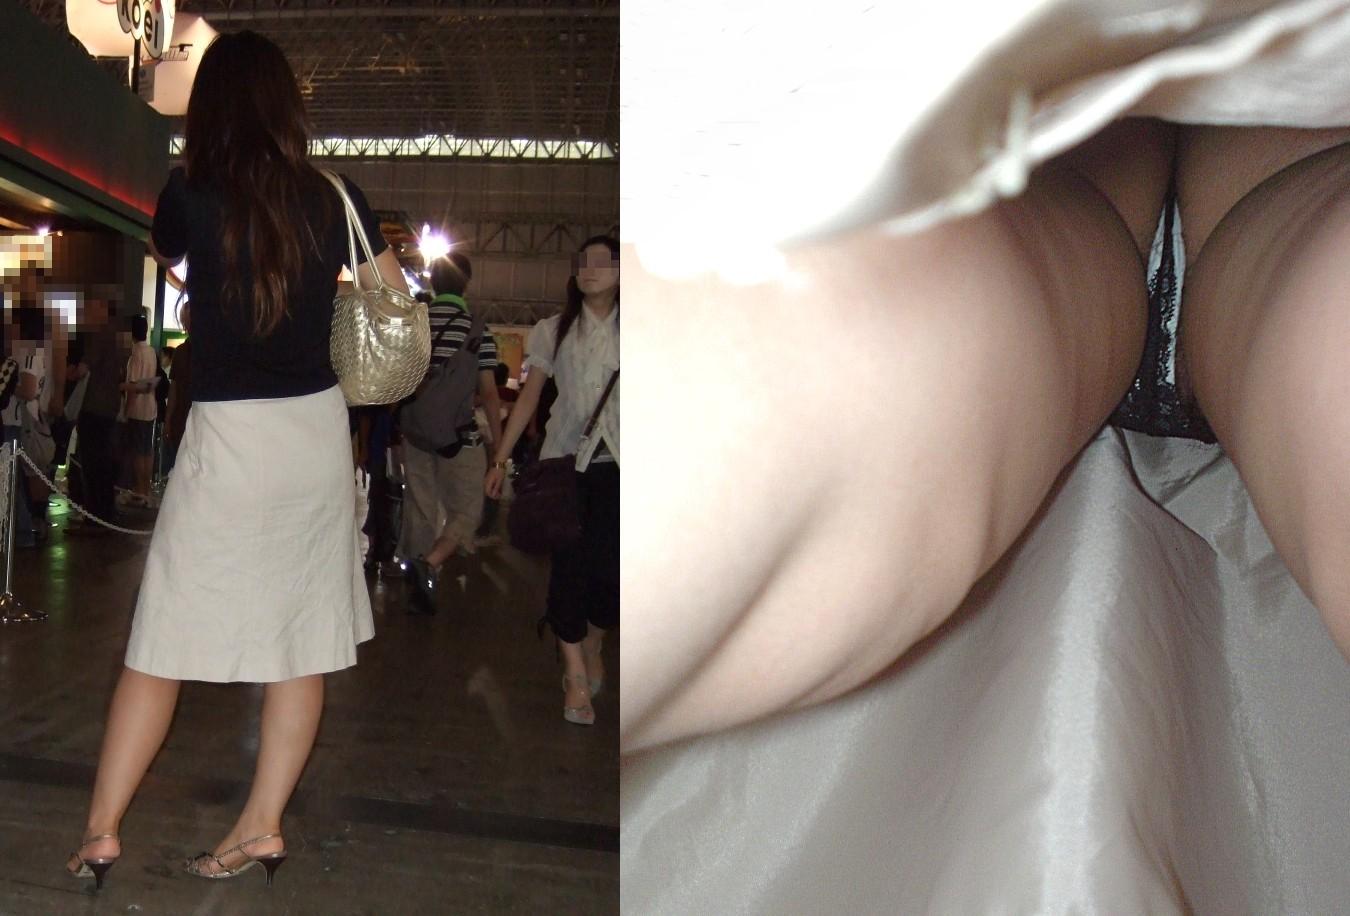 ロングスカートのお姉さんの下着を逆さ撮り!